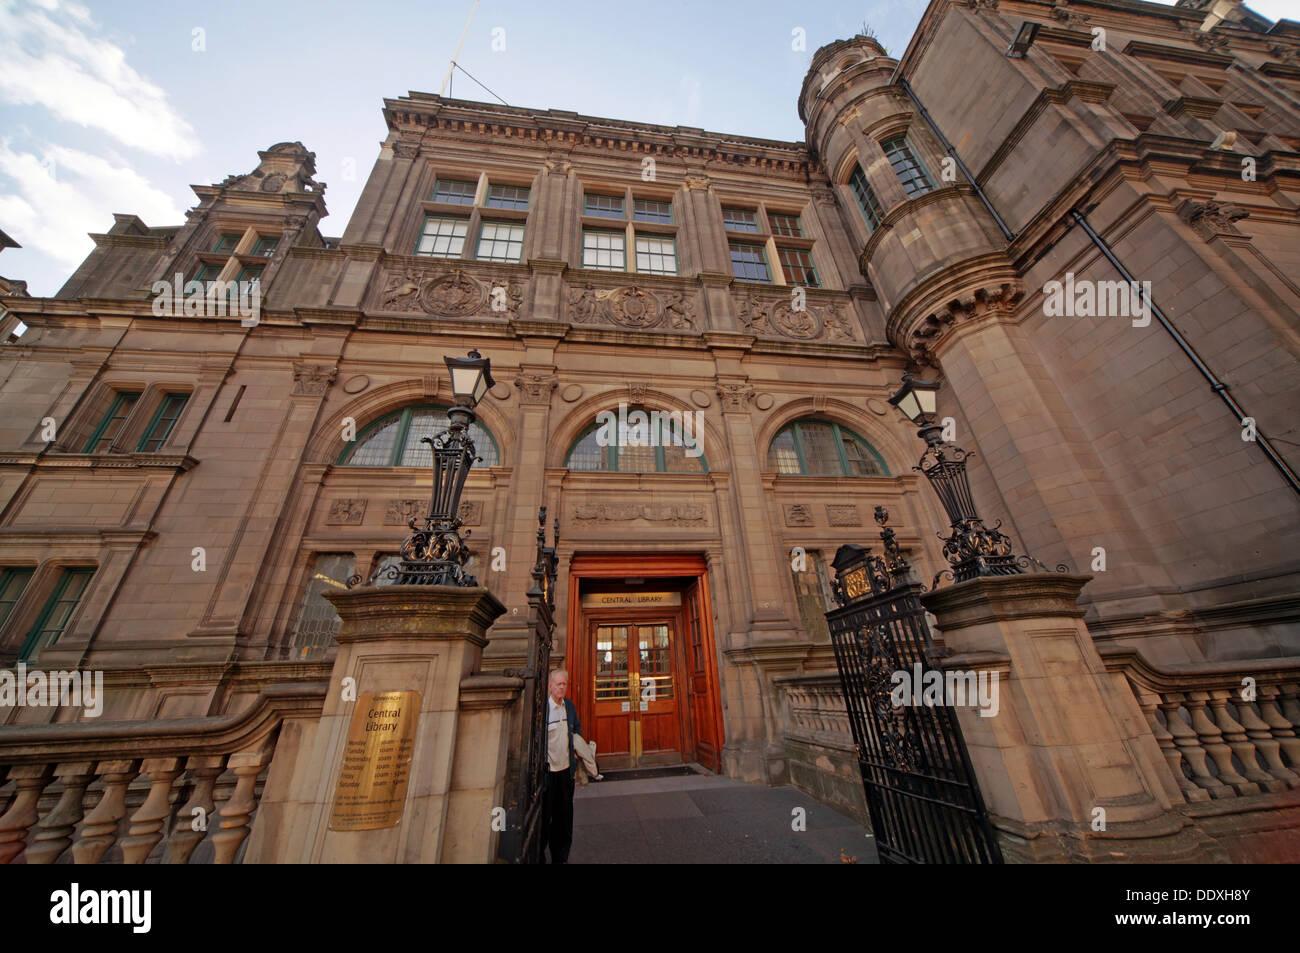 Laden Sie dieses Alamy Stockfoto Edinburgh Central Library,, 7-9 George IV Bridge, Edinburgh, Schottland, UK, EH1 1EG - DDXH8Y